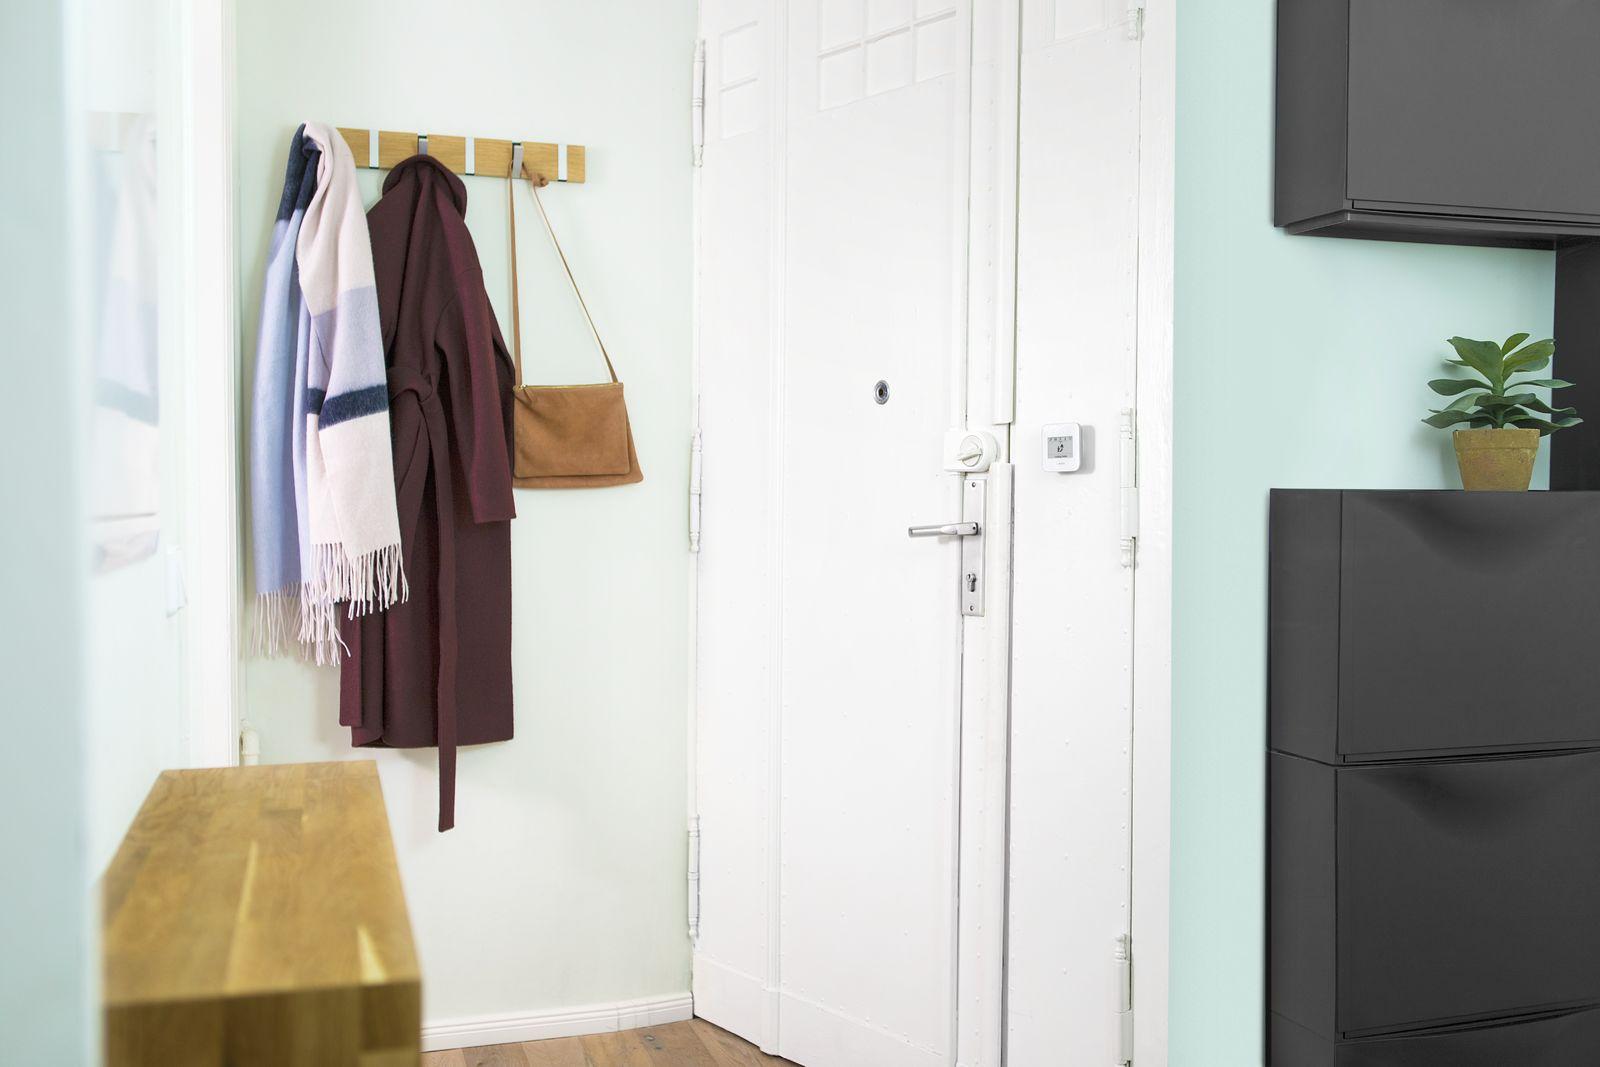 ces 2018 bosch pr sentiert twist fernbedienung f r das smart home. Black Bedroom Furniture Sets. Home Design Ideas